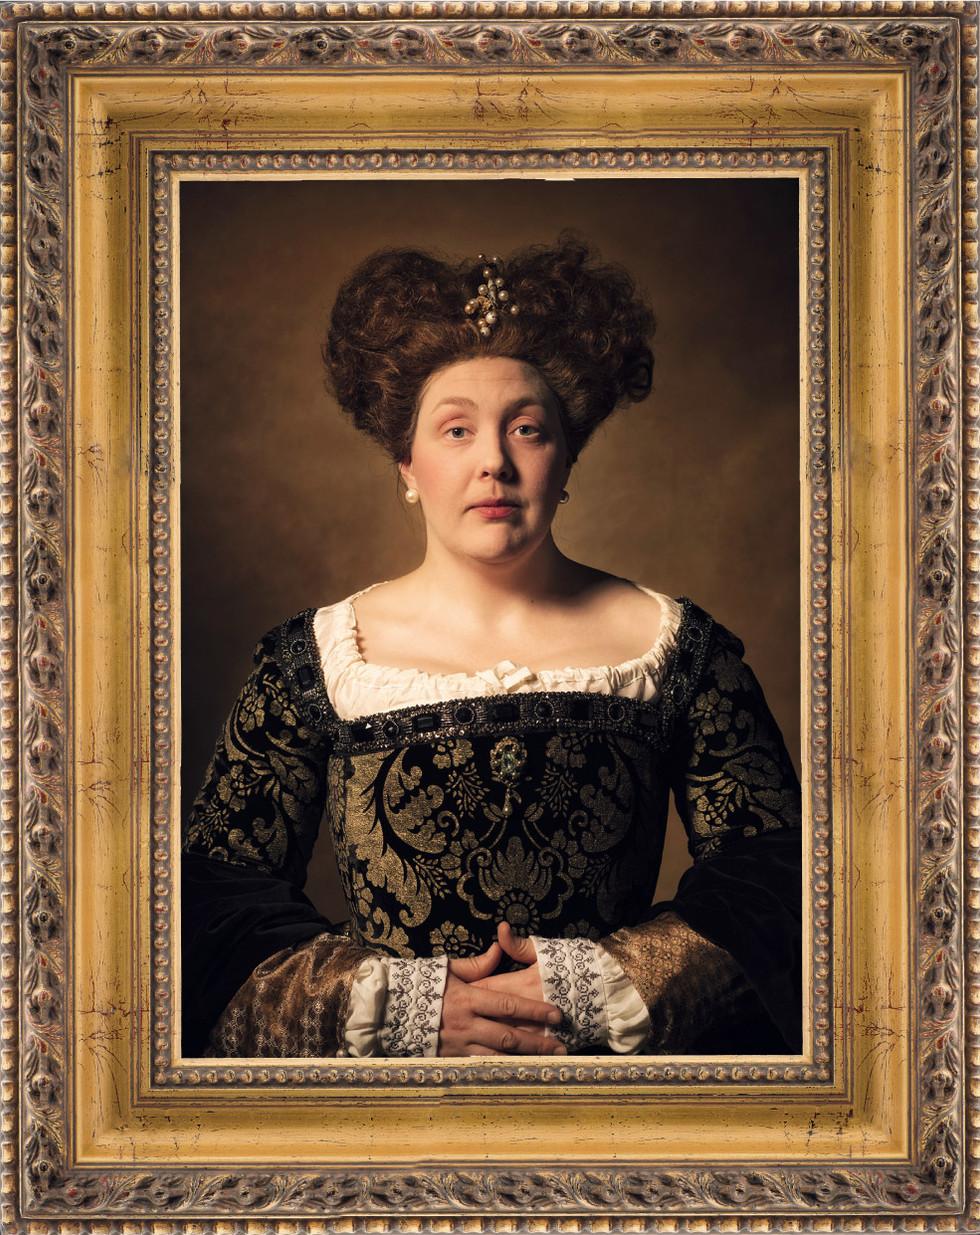 Olofs Rembrandtsinspirerade porträtt